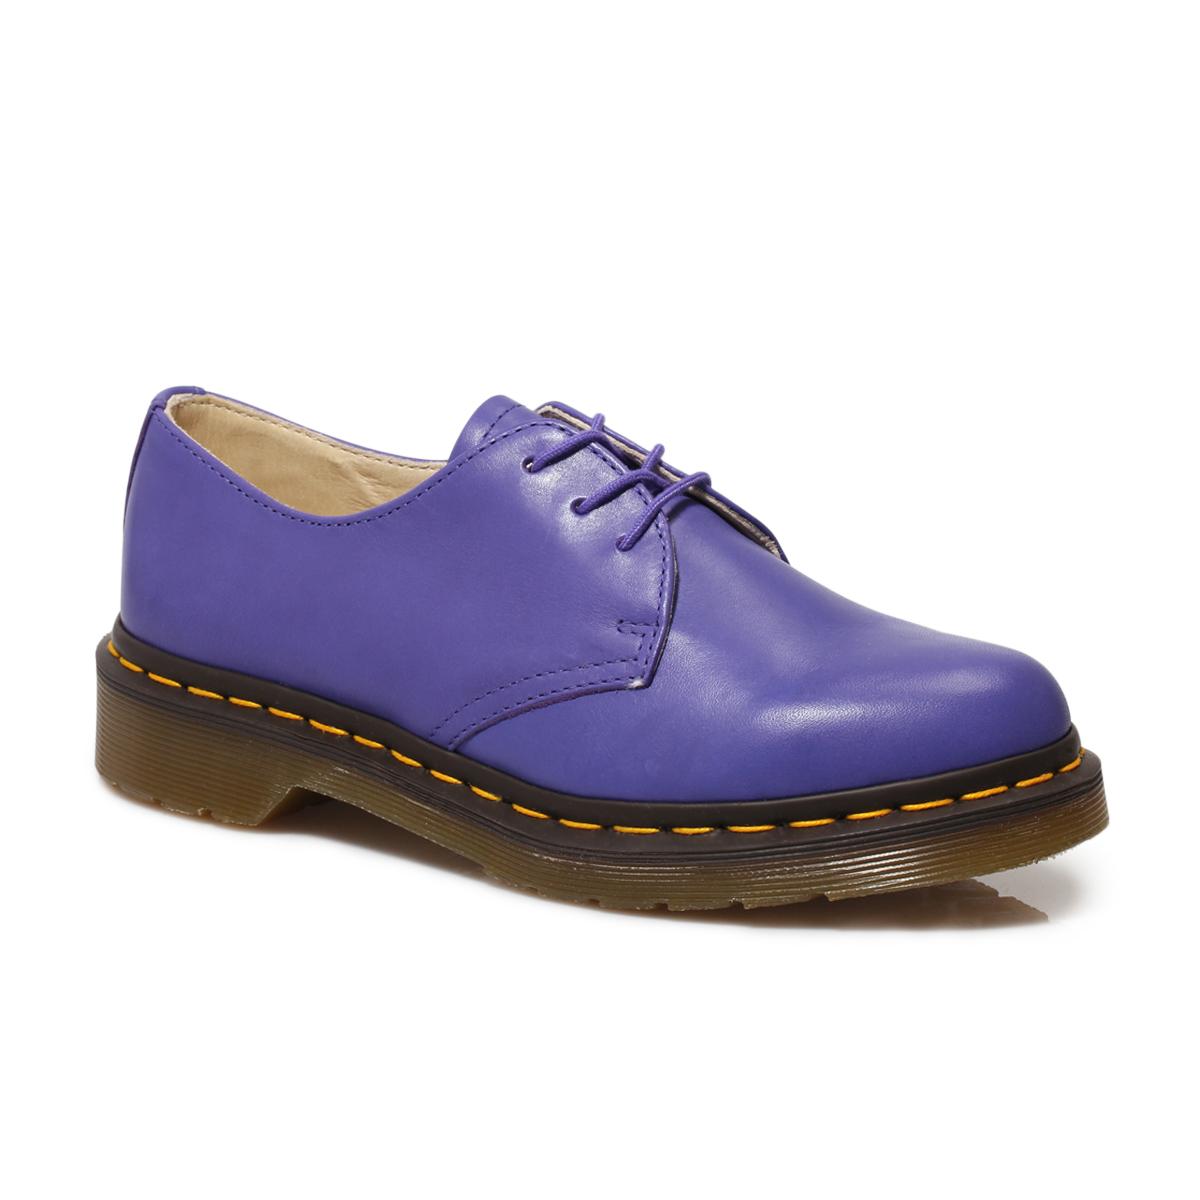 dr martens women s 1461 blueberry leather cartegena womens shoes size 3 8 ebay. Black Bedroom Furniture Sets. Home Design Ideas